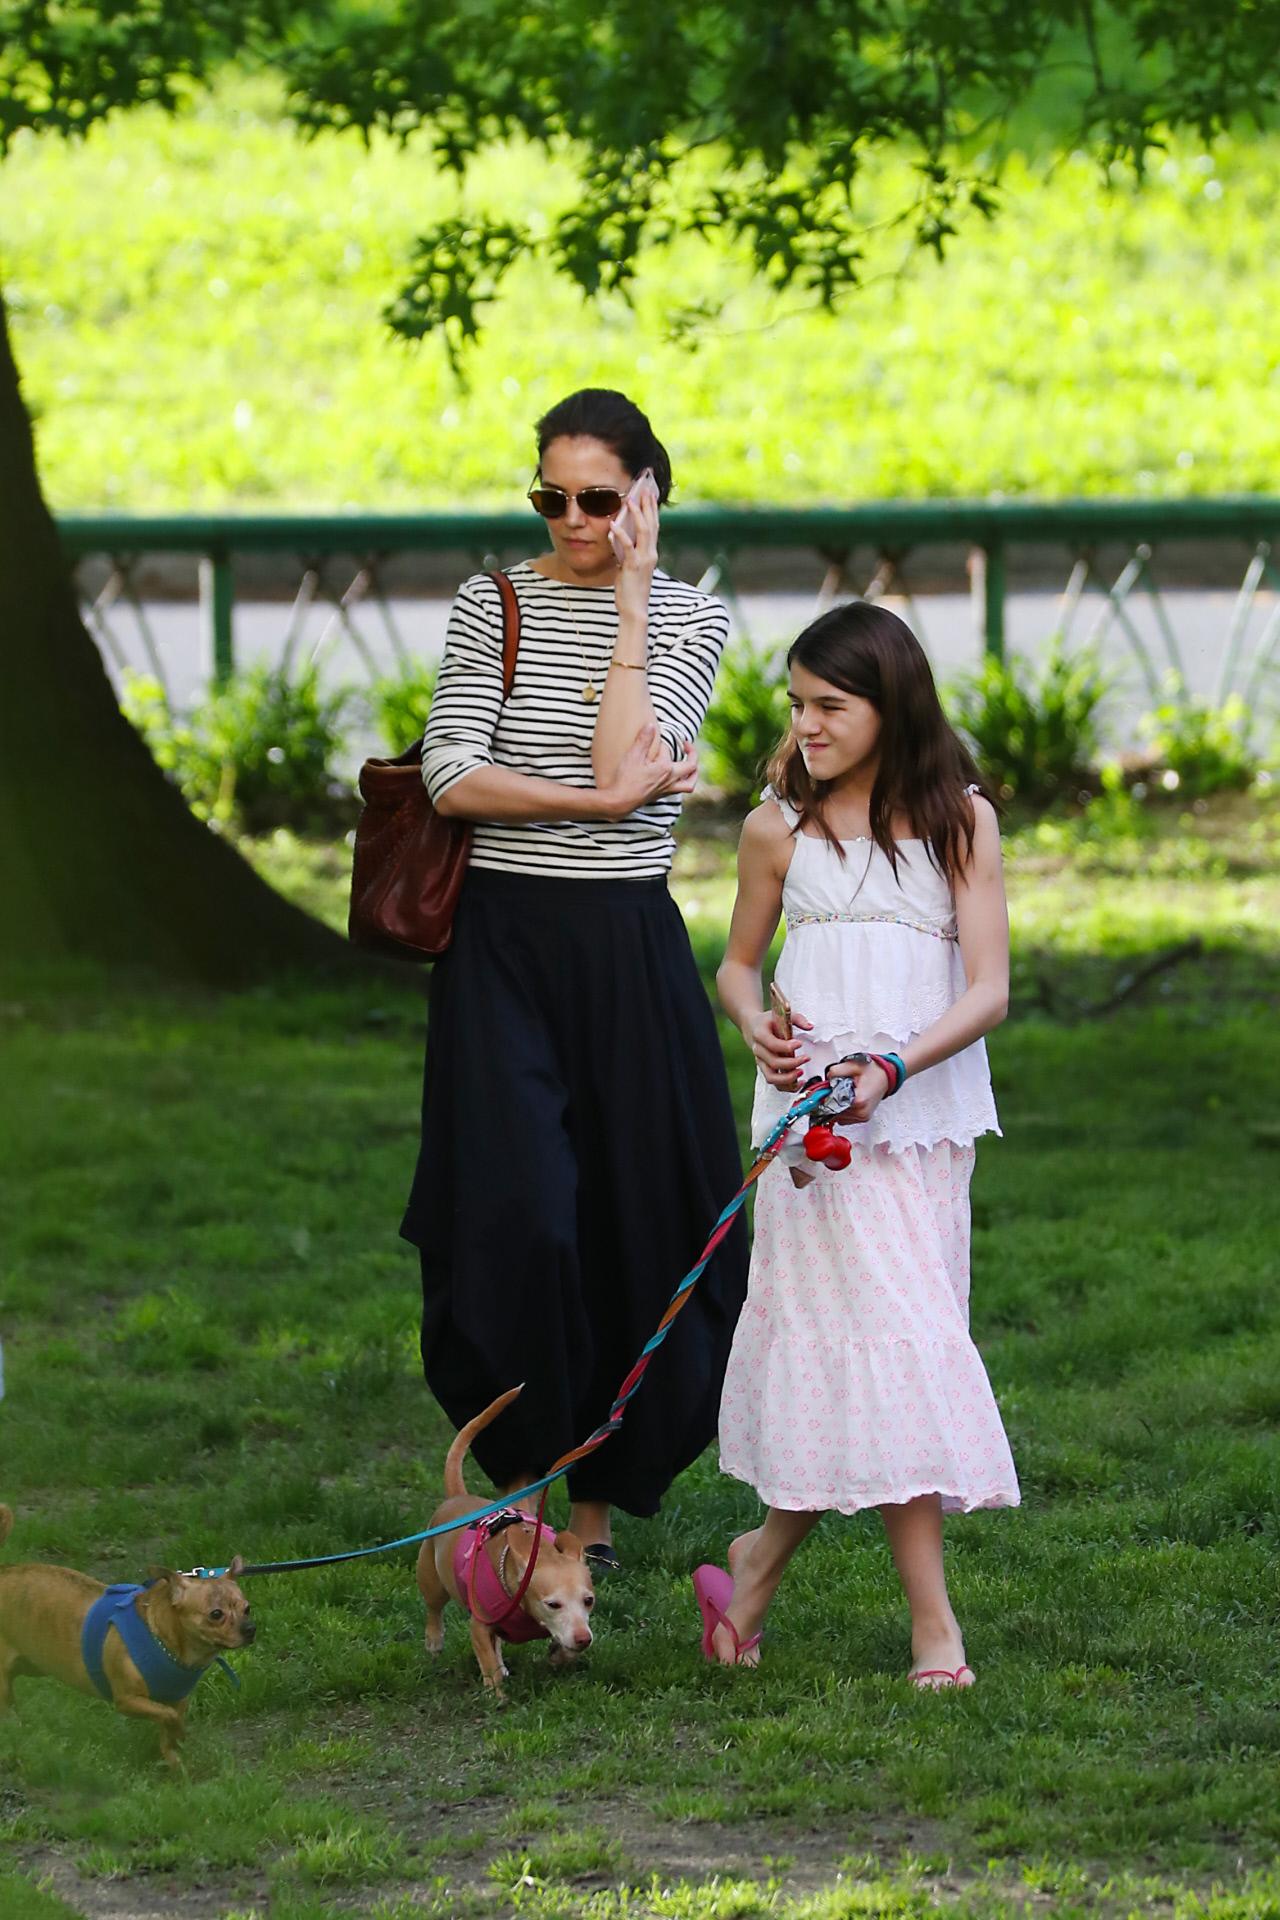 Katie Holmes y Suri Cruise con la misma fórmula de estilo: falda midi + top.